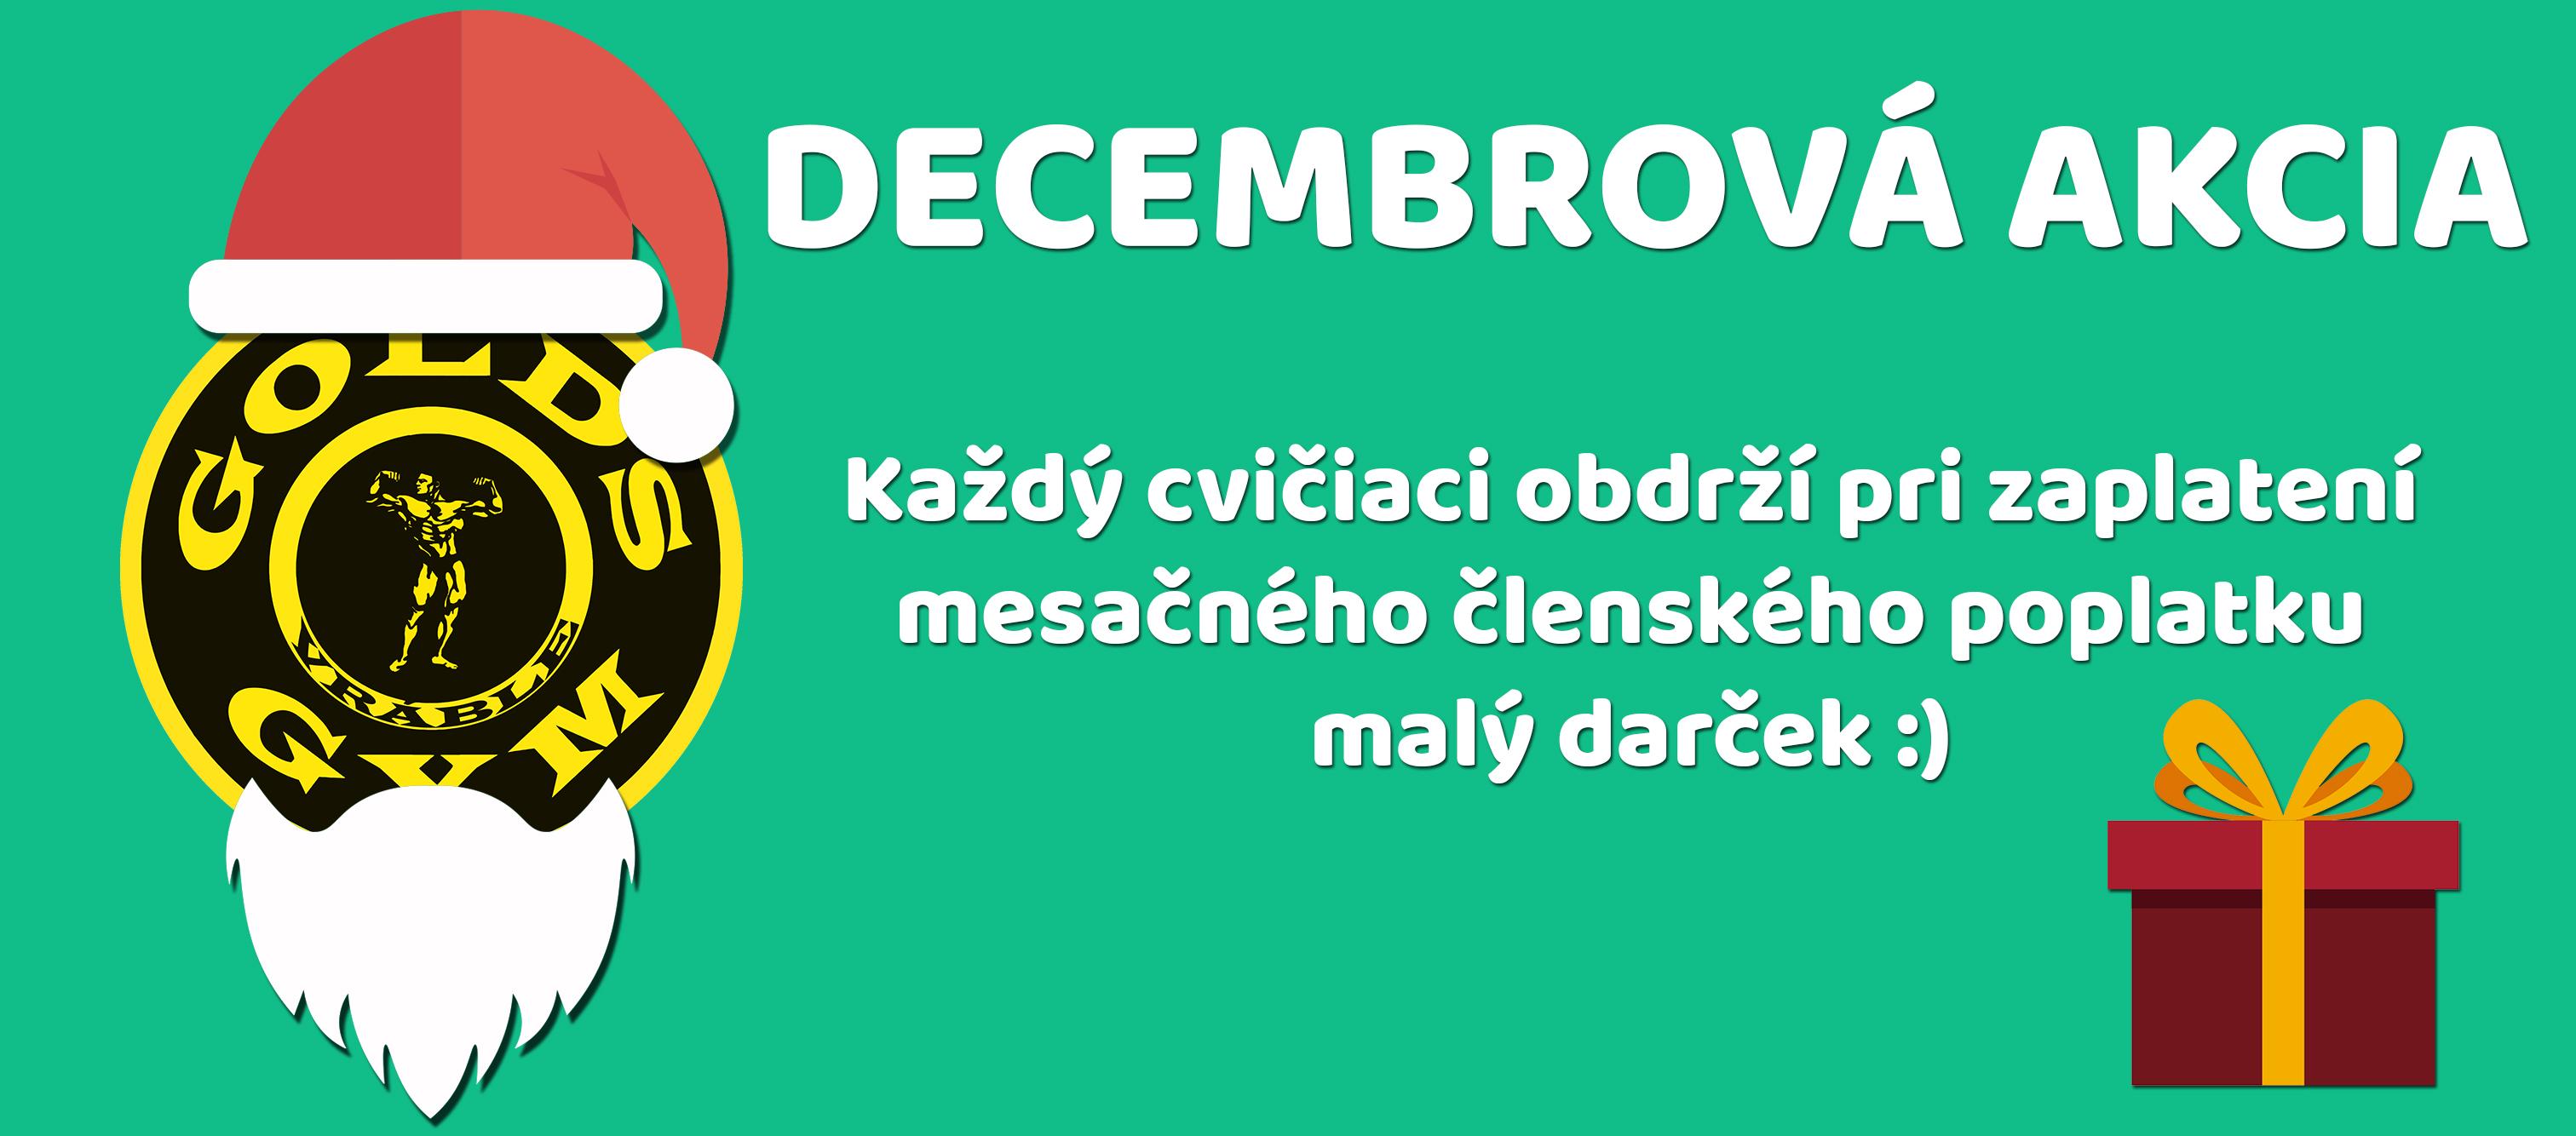 decembrova-akcia